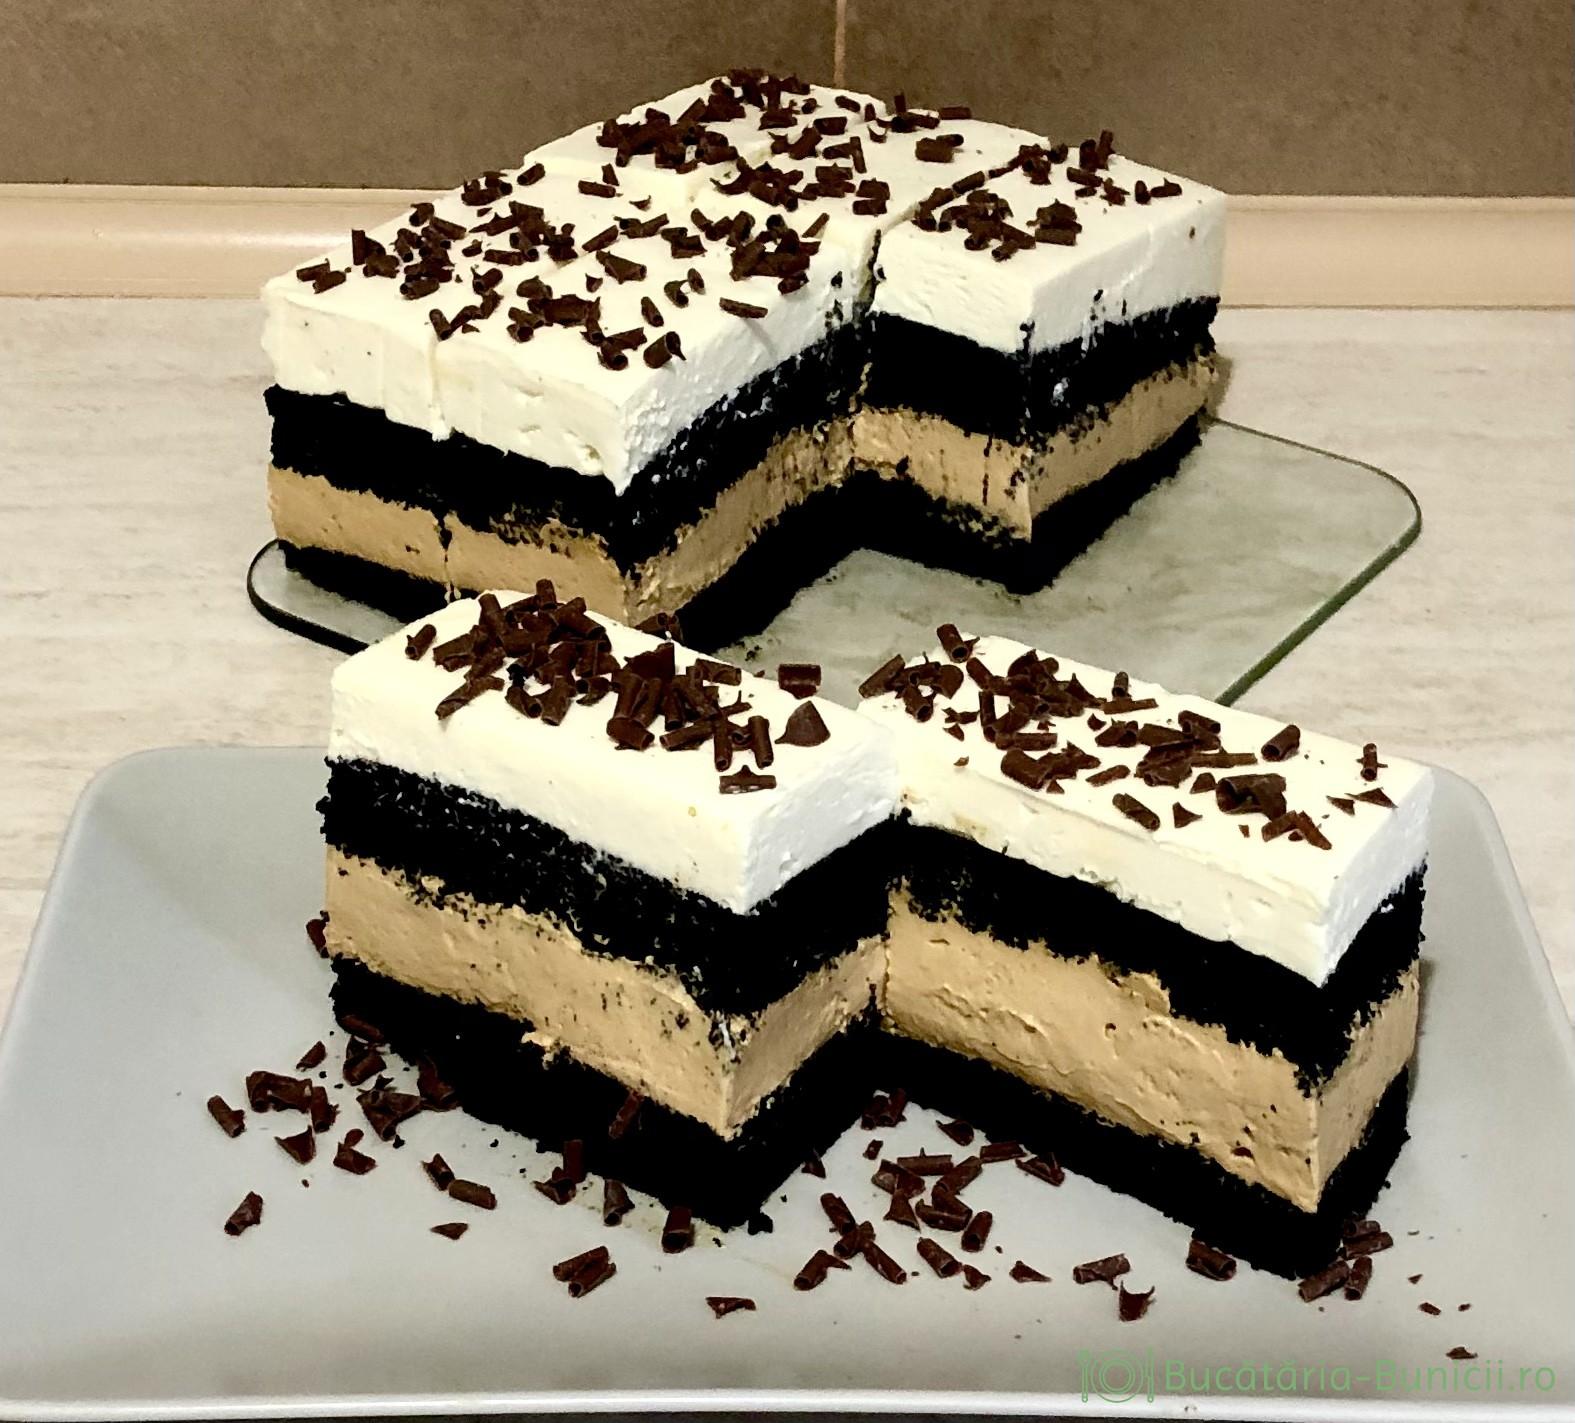 Prajitura cu blat umed de cacao neagra, crema din lapte condensat caramelizat și crema cu ciocolata albă.